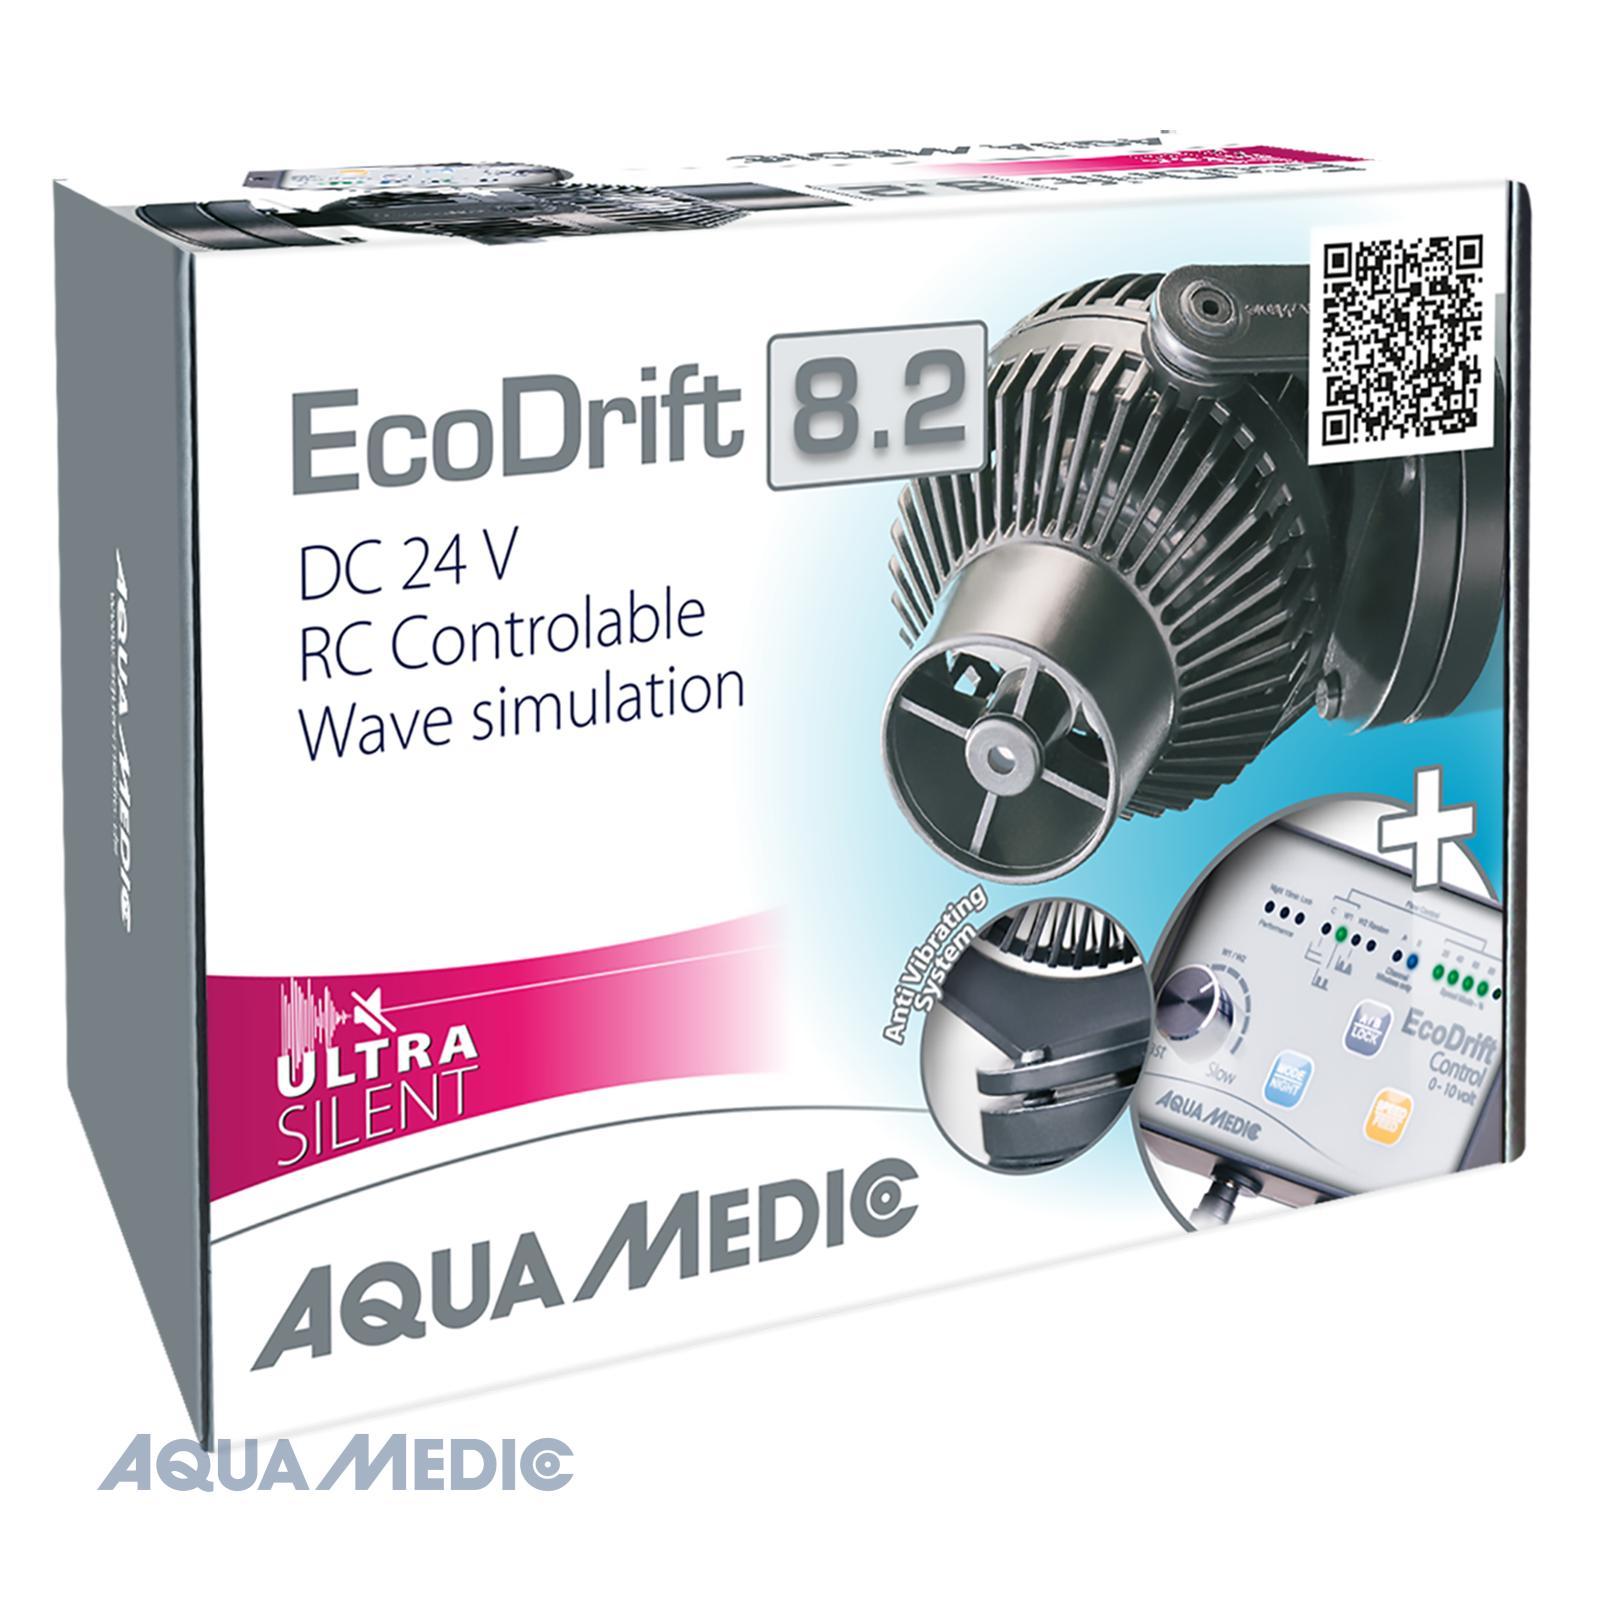 aqua medic ecodrift 8.2